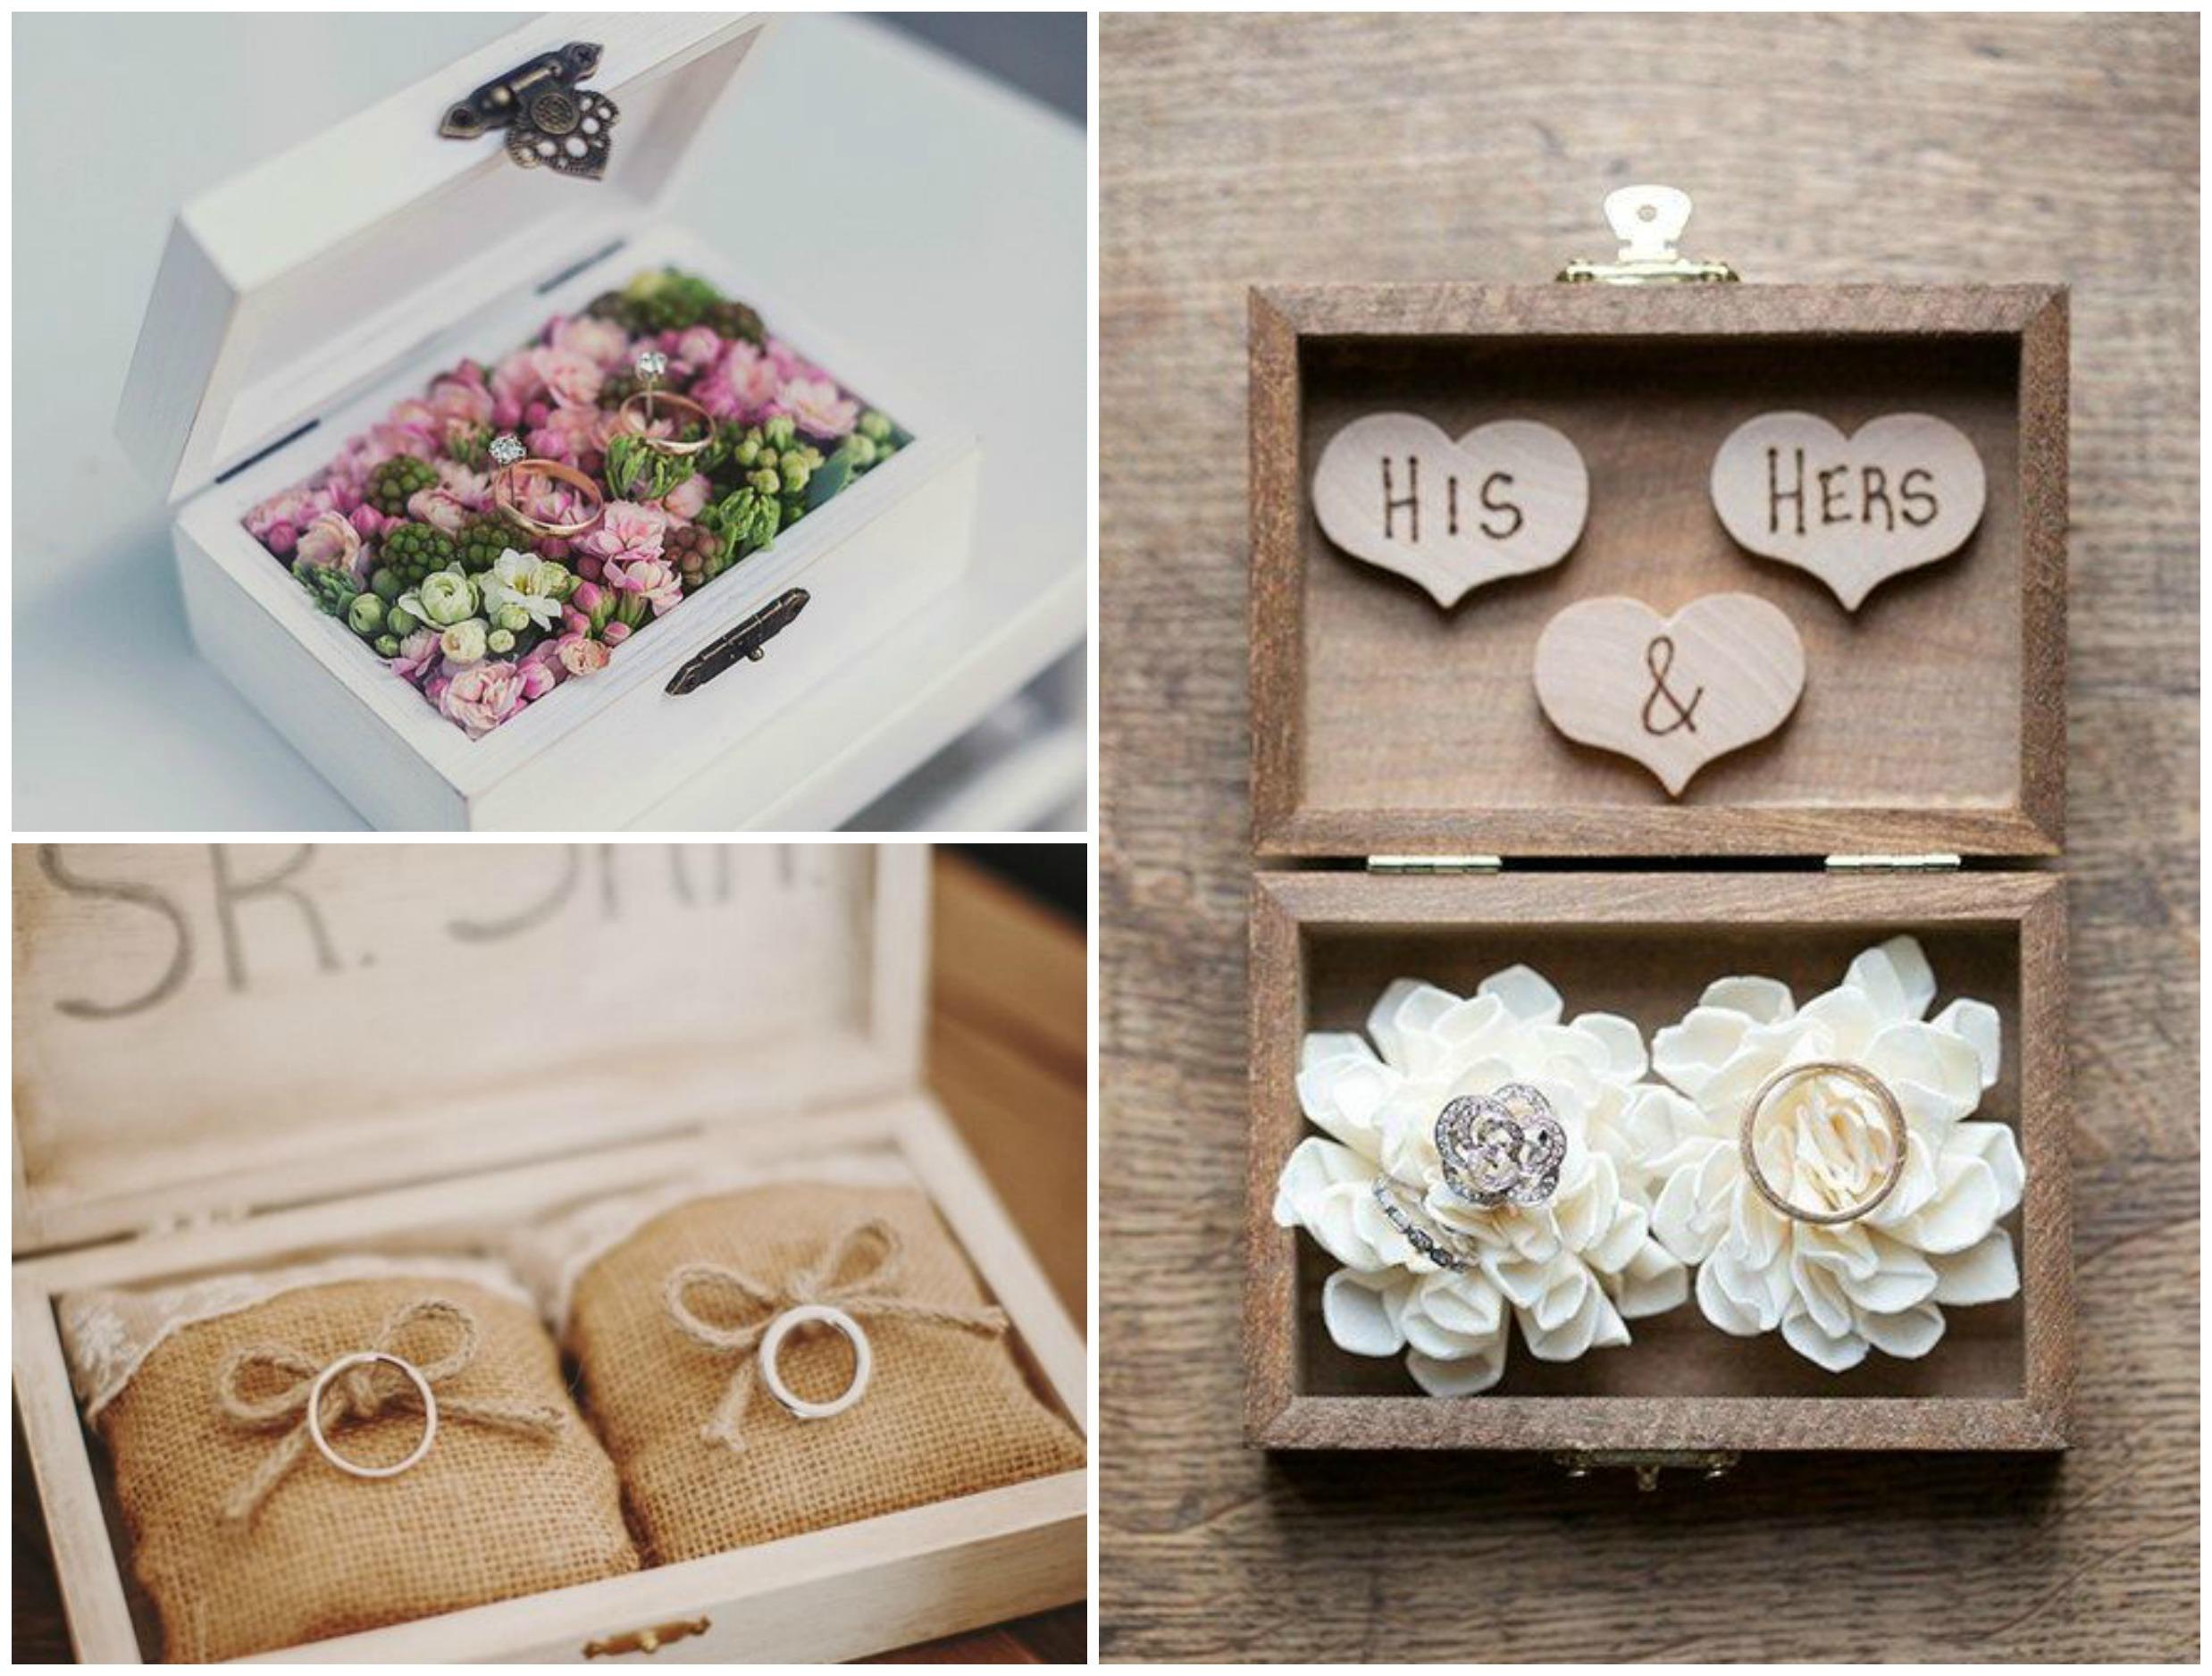 Caixas de madeira como porta alianças para casamento